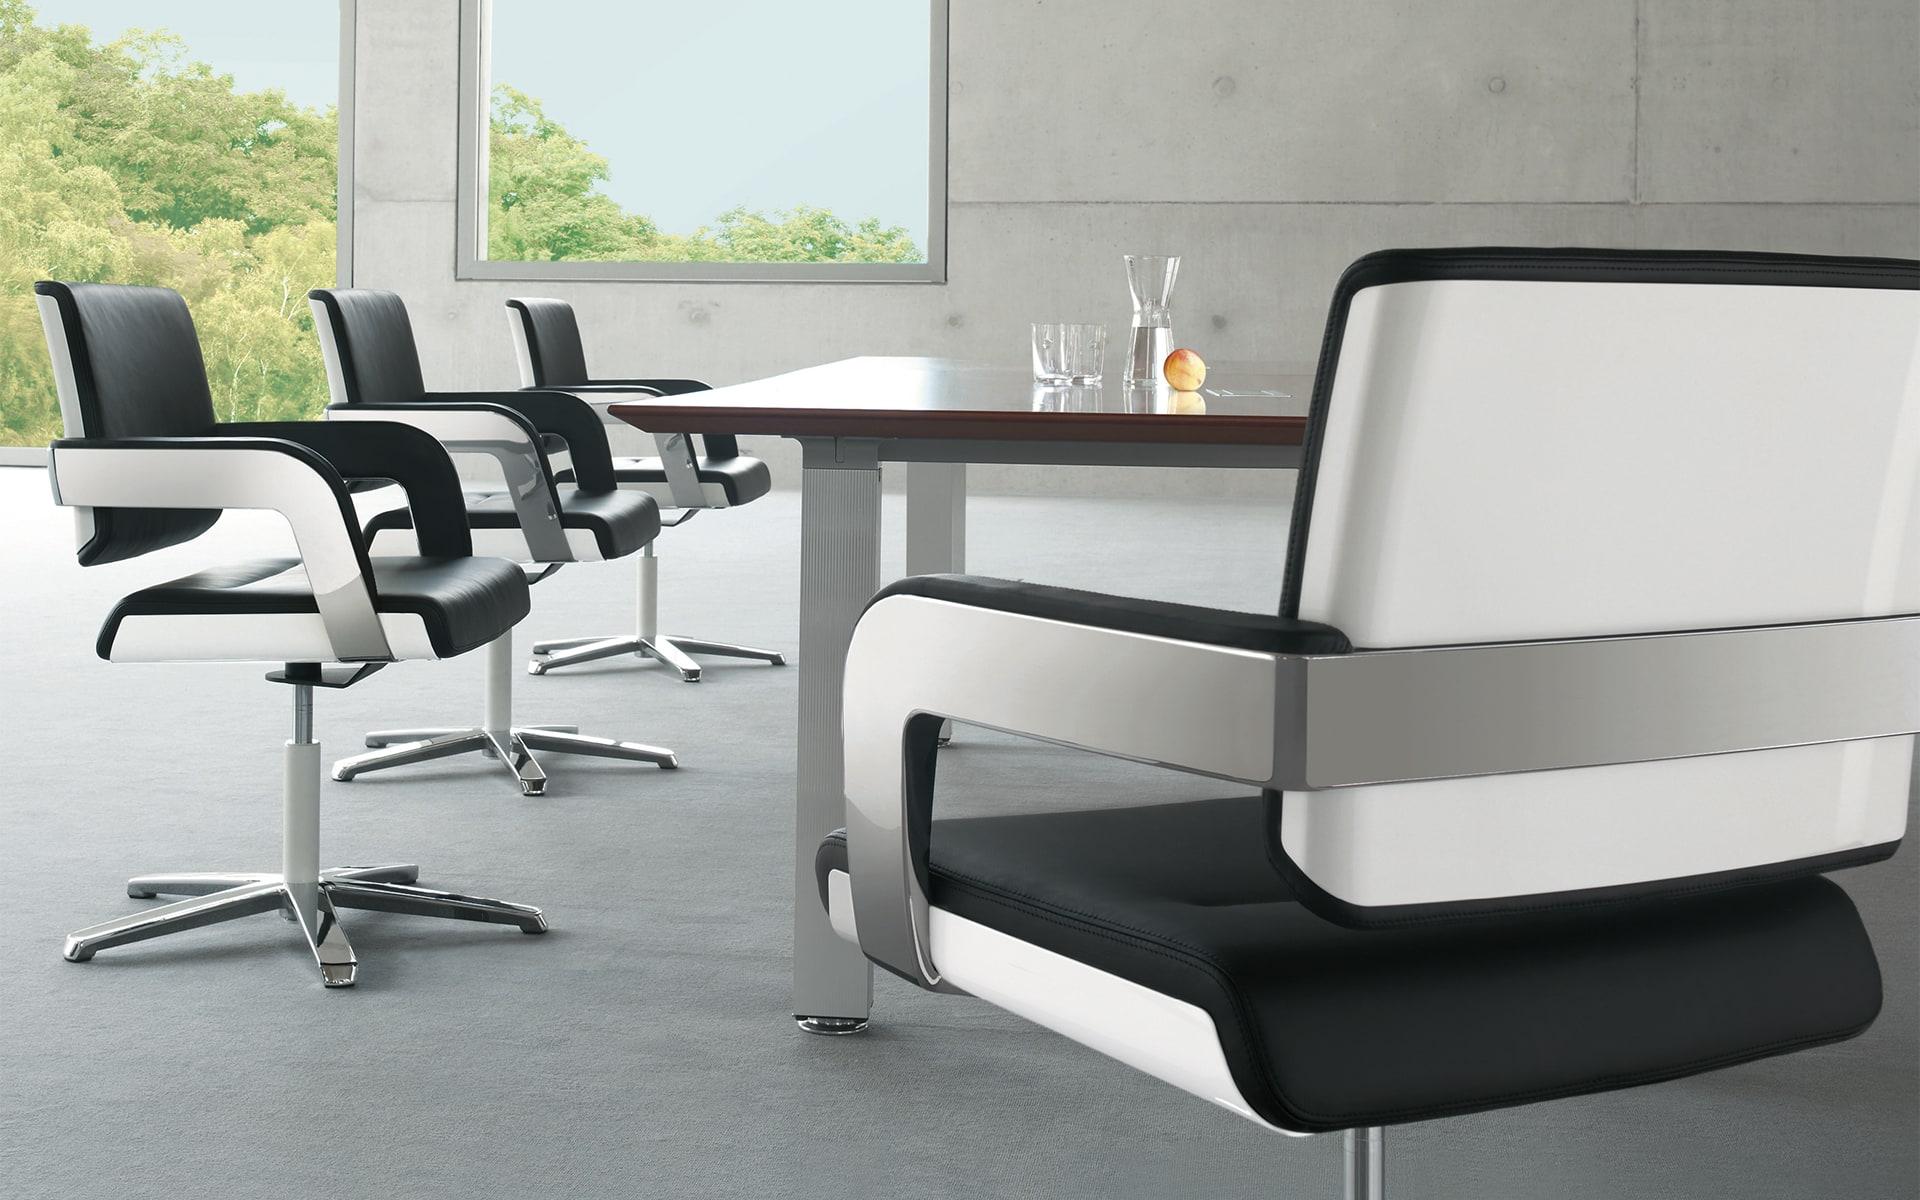 Schwarz-weisse K+N Charta Konferenzstühle von ITO Design in Konferenzsaal mit großen Fenstern